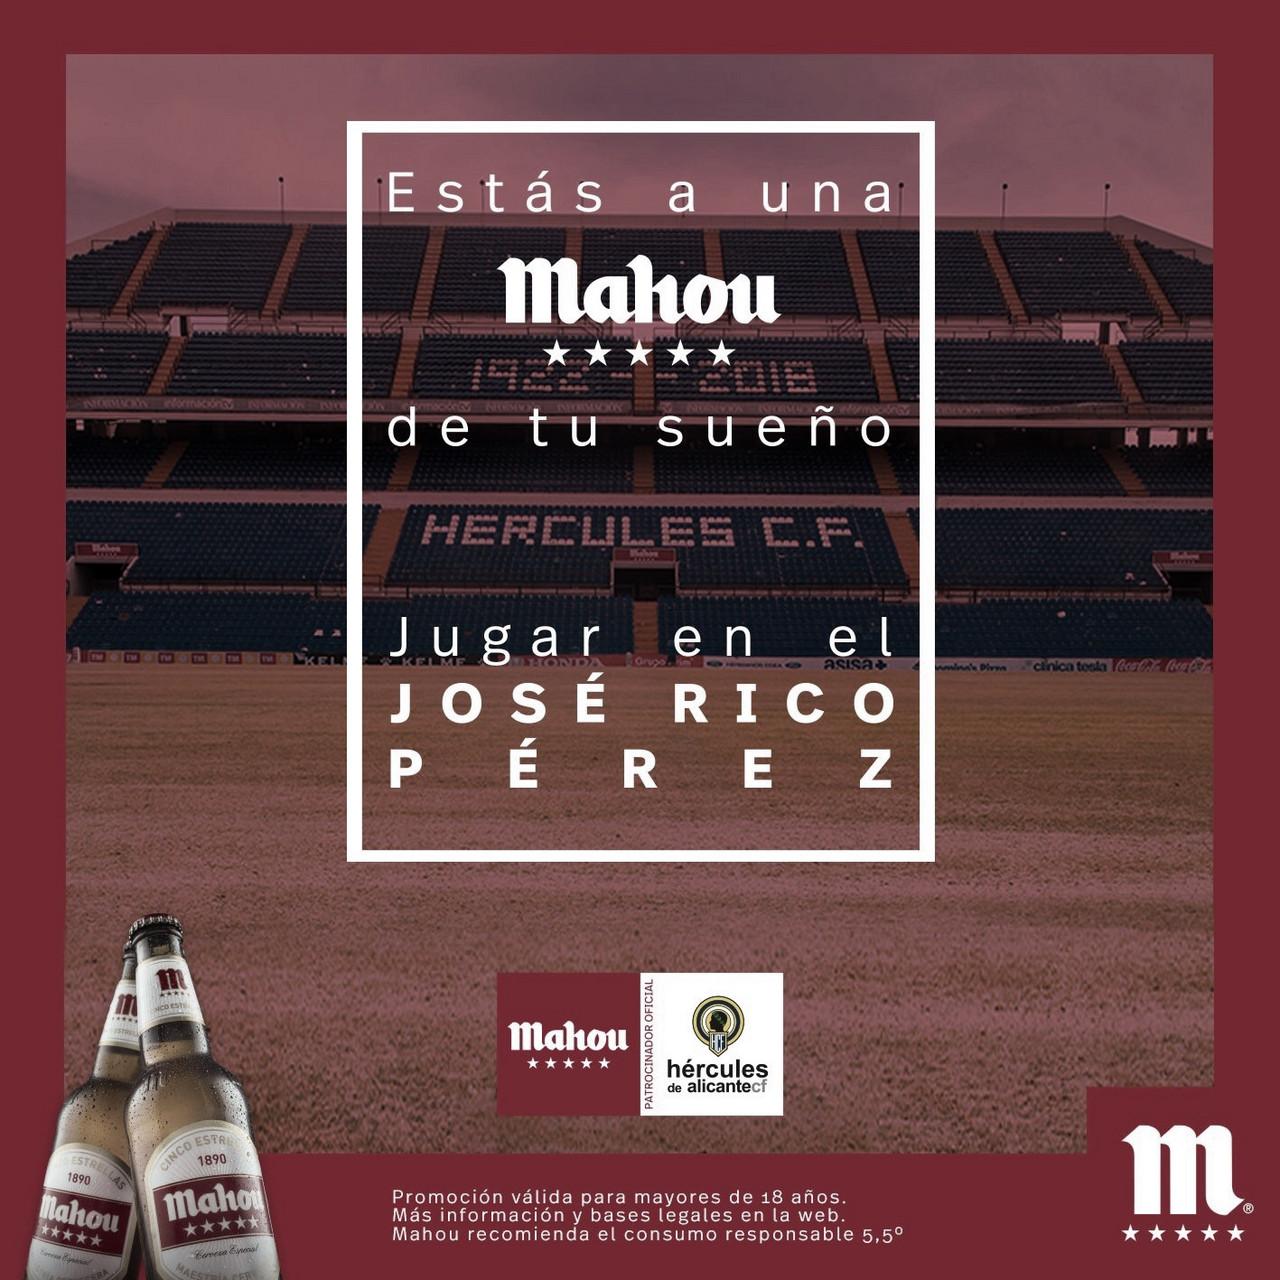 240 aficionados cumplirán el sueño de jugar este sábado en el Estadio José Rico Pérez de Alicante